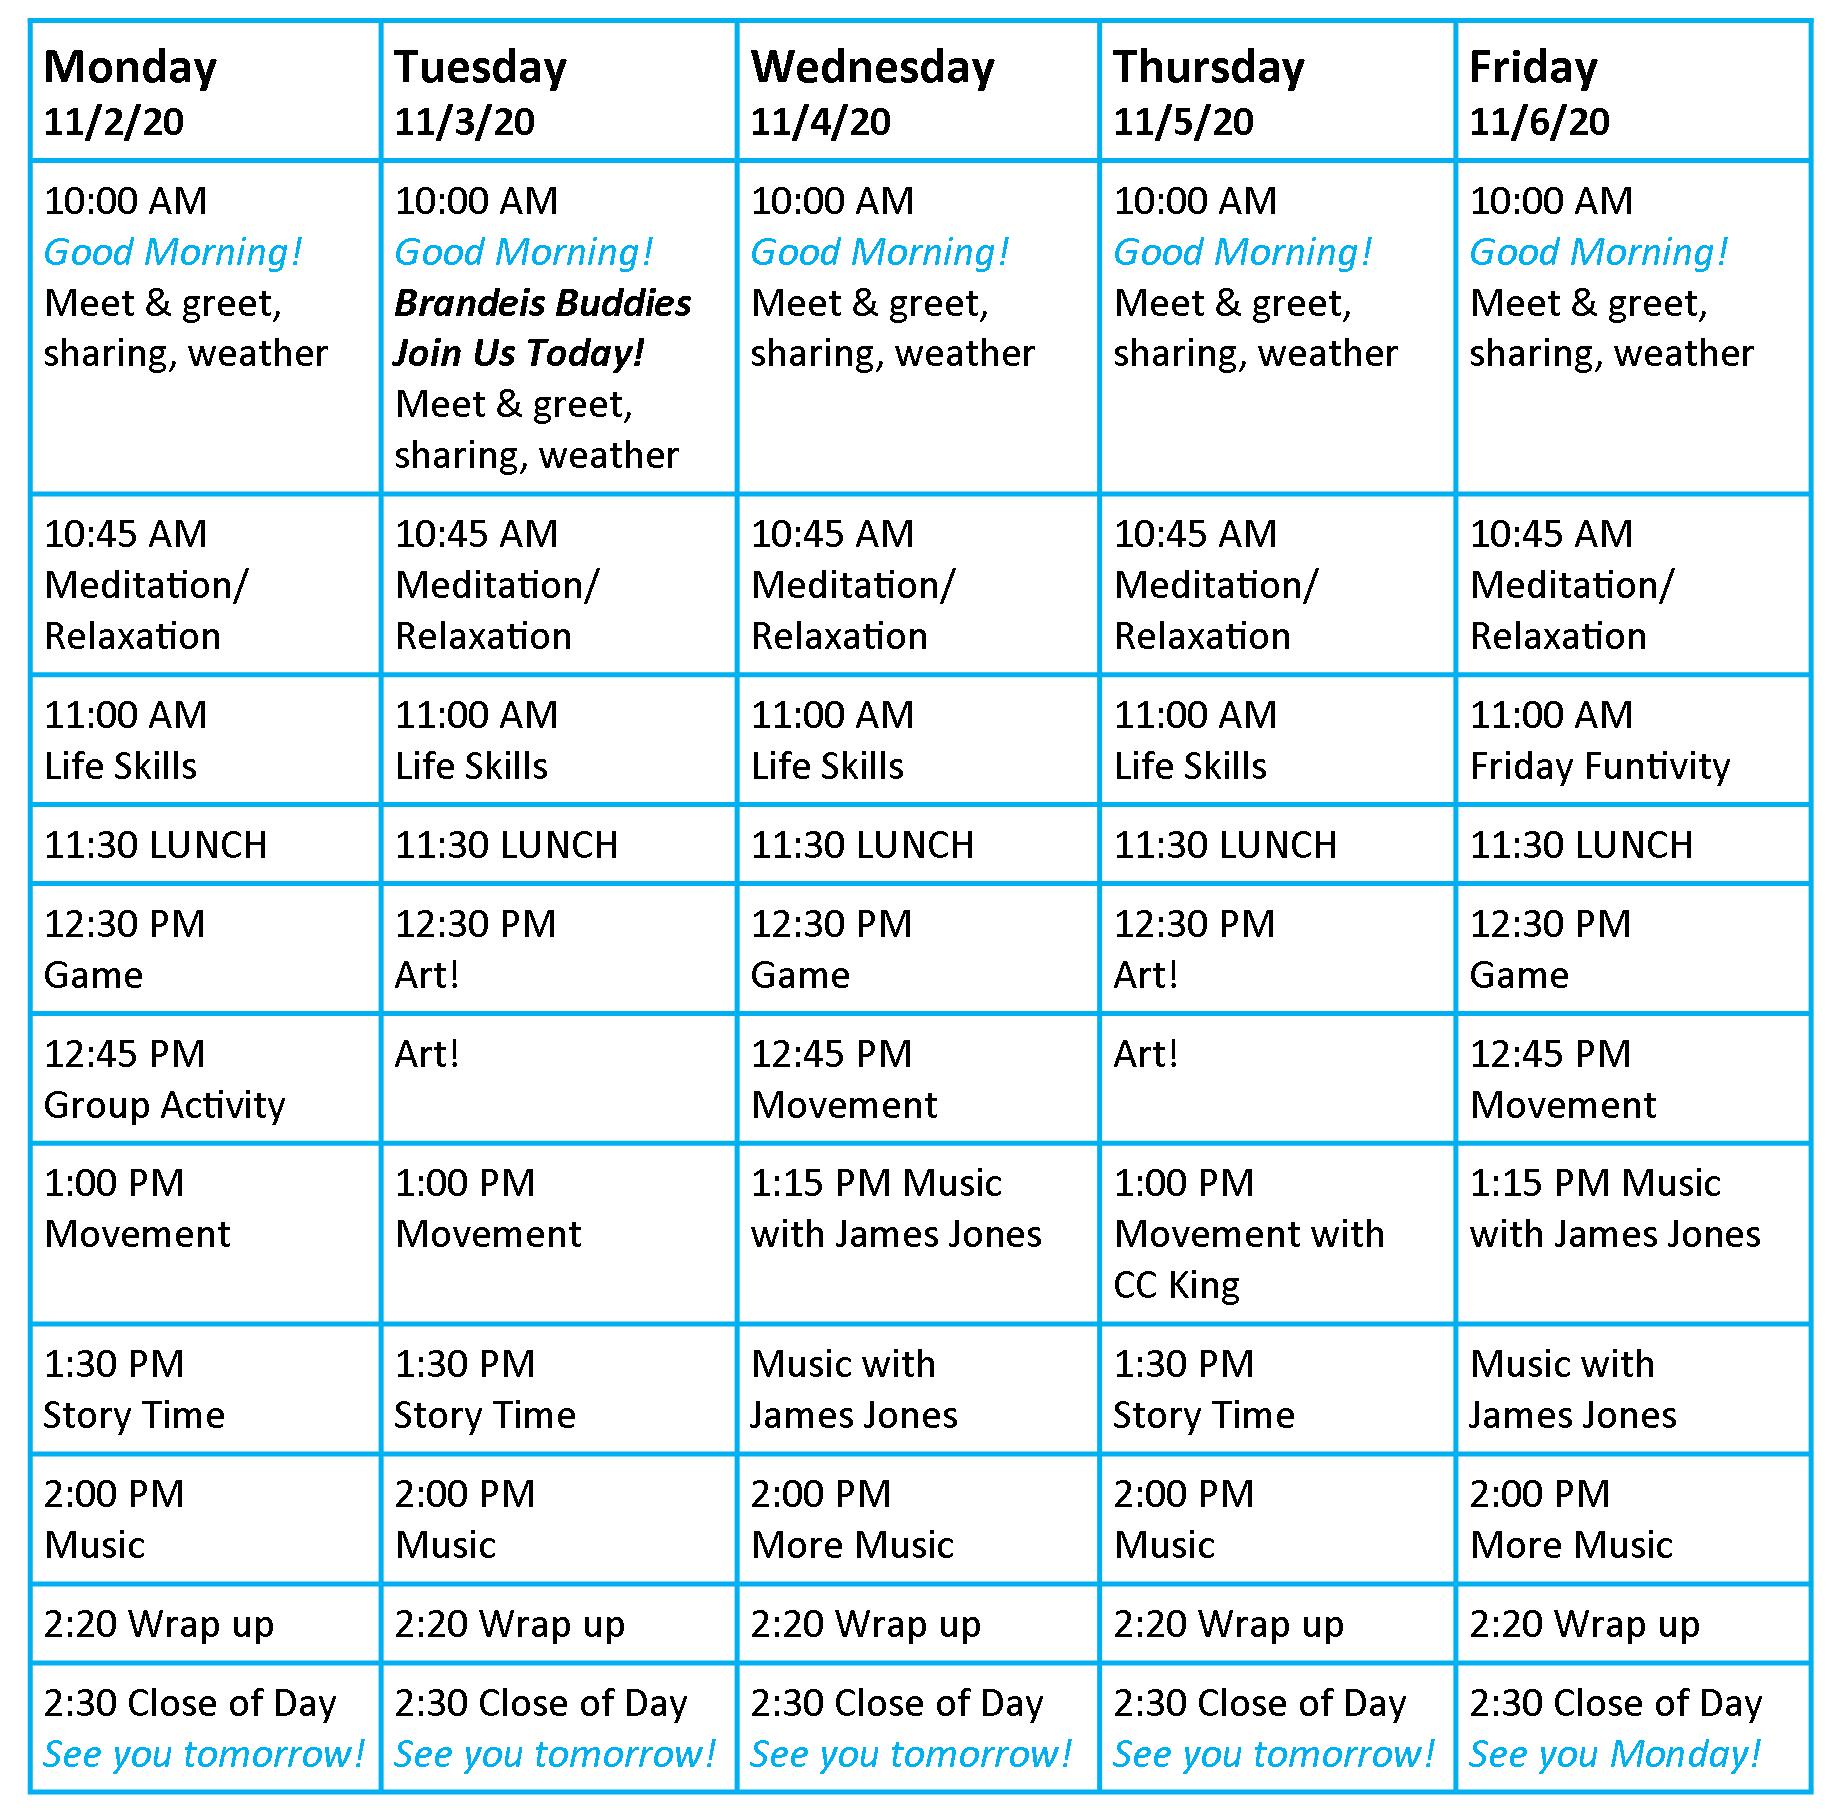 Zoom_Schedule_of_Activities_11-2-20_-_11-6-2020201102105921